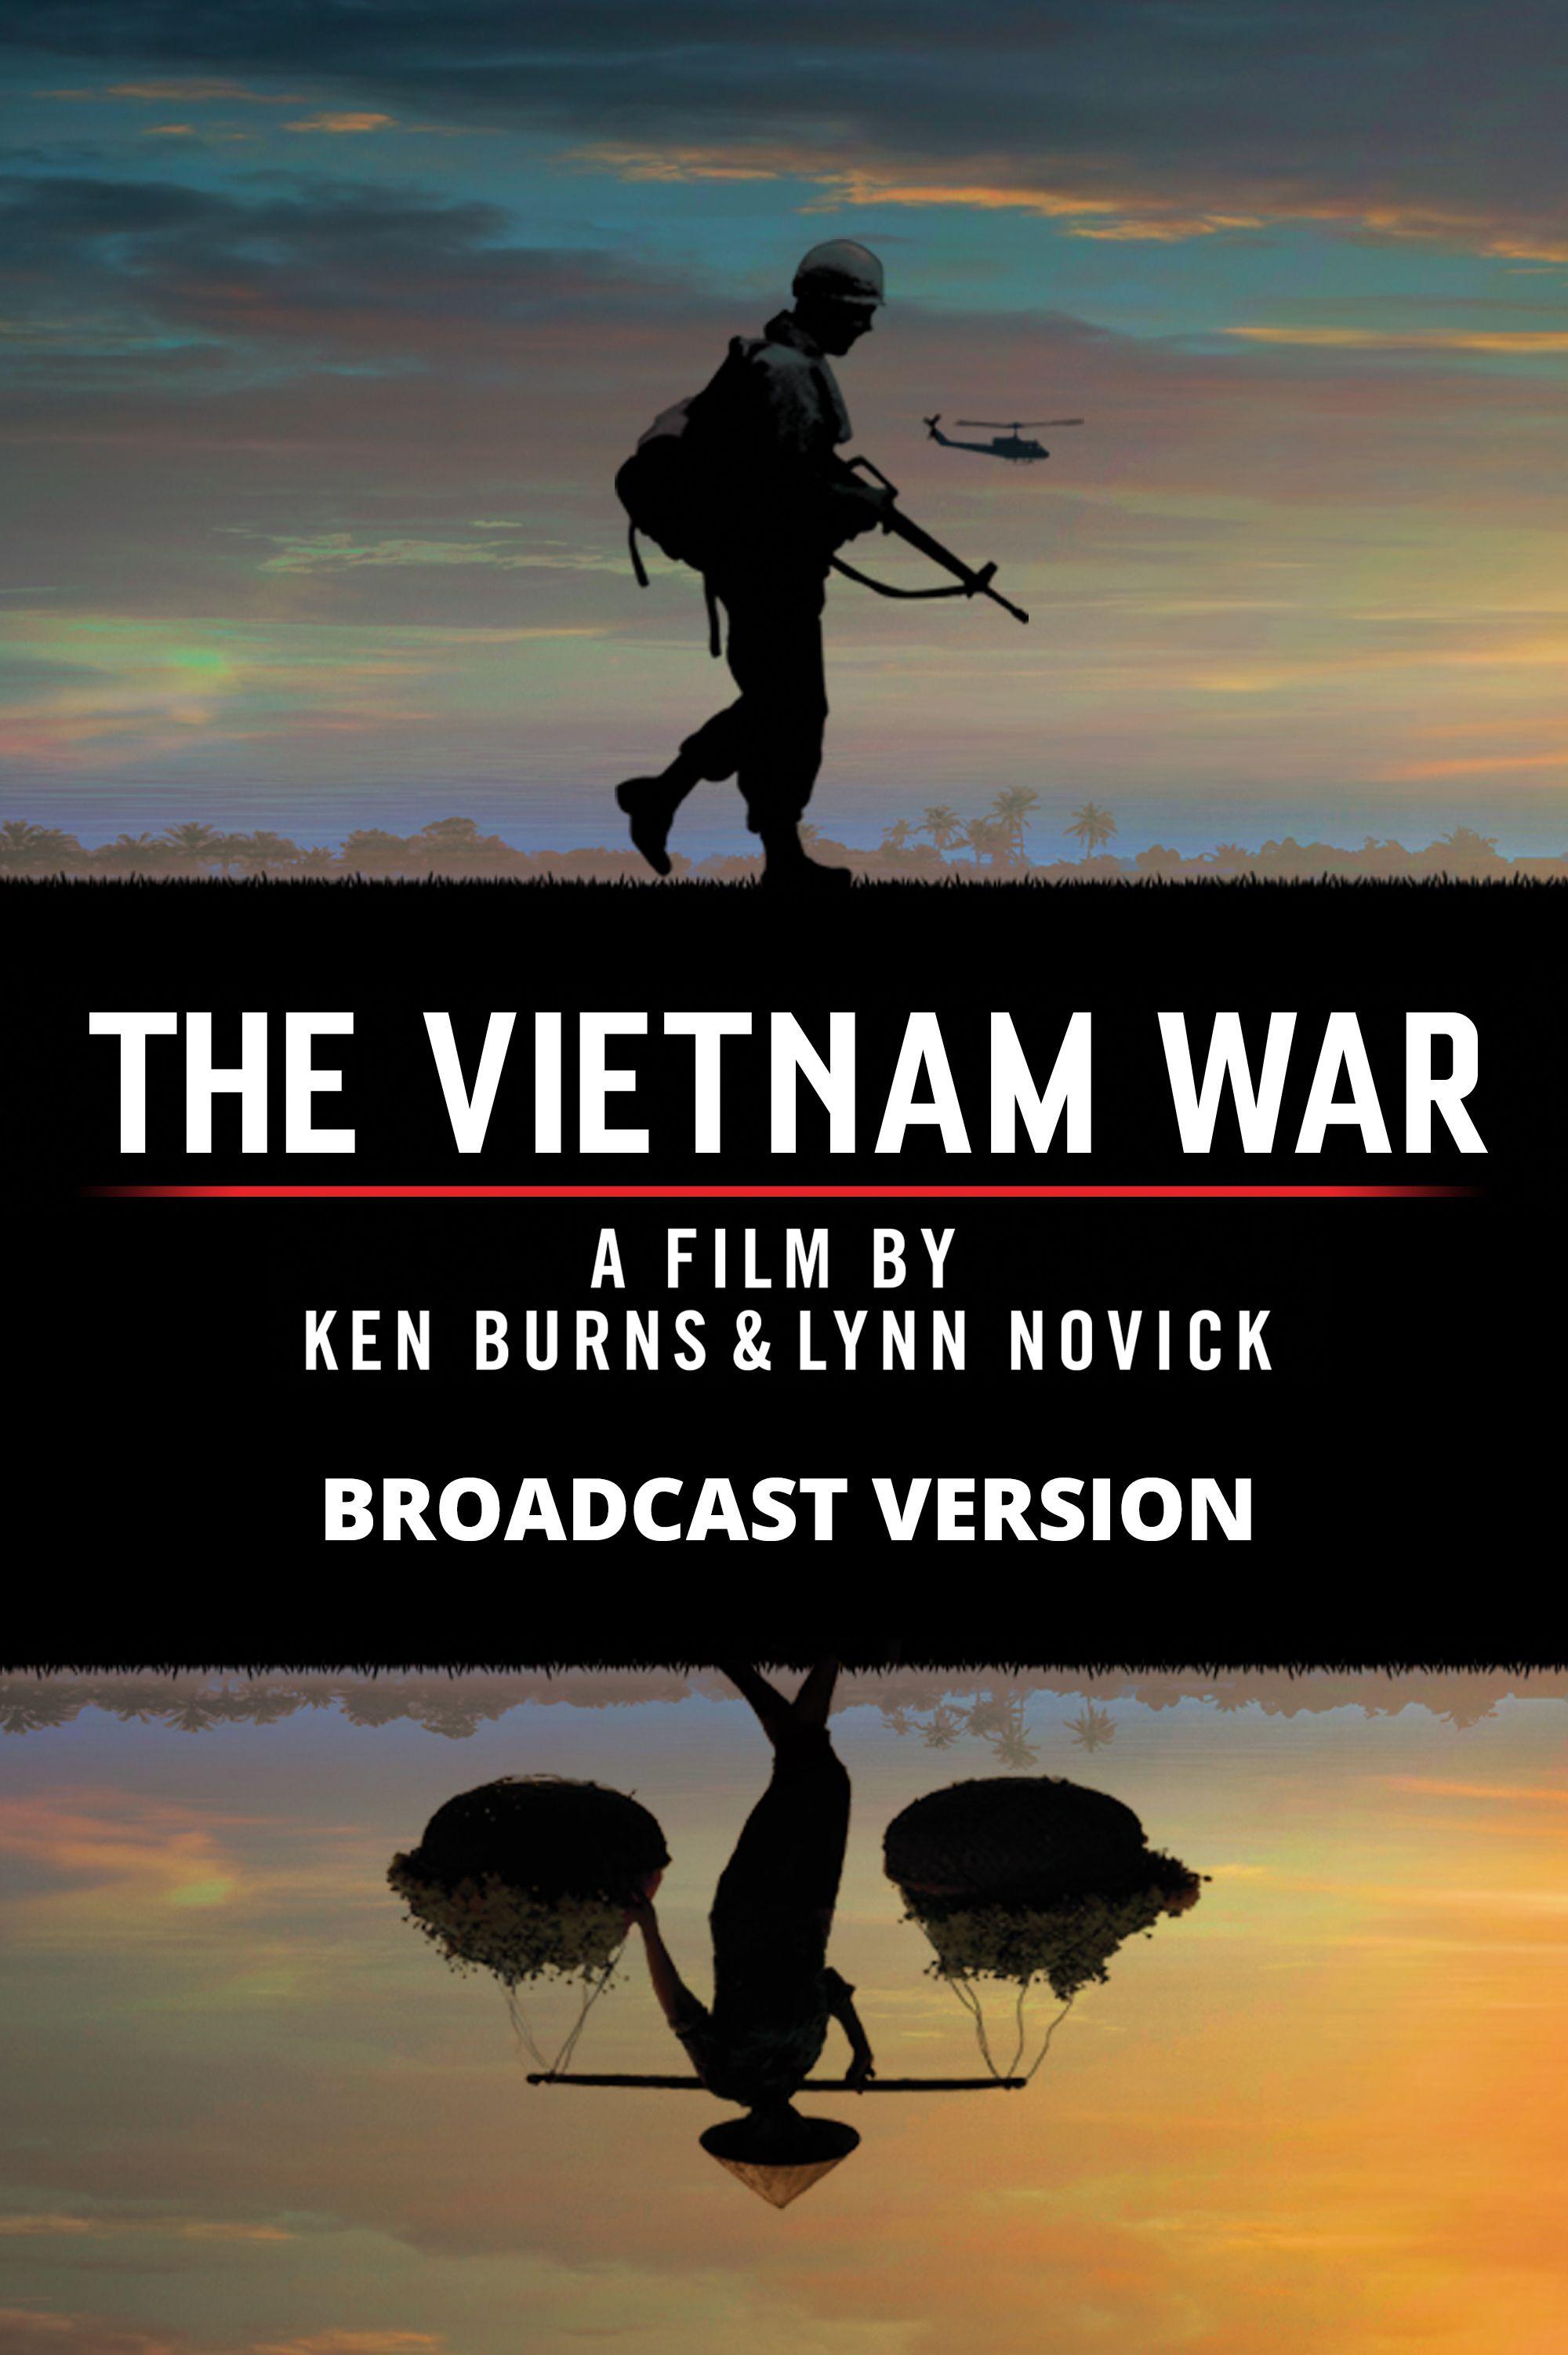 The Vietnam War, A Film by Ken Burns & Lynn Novick